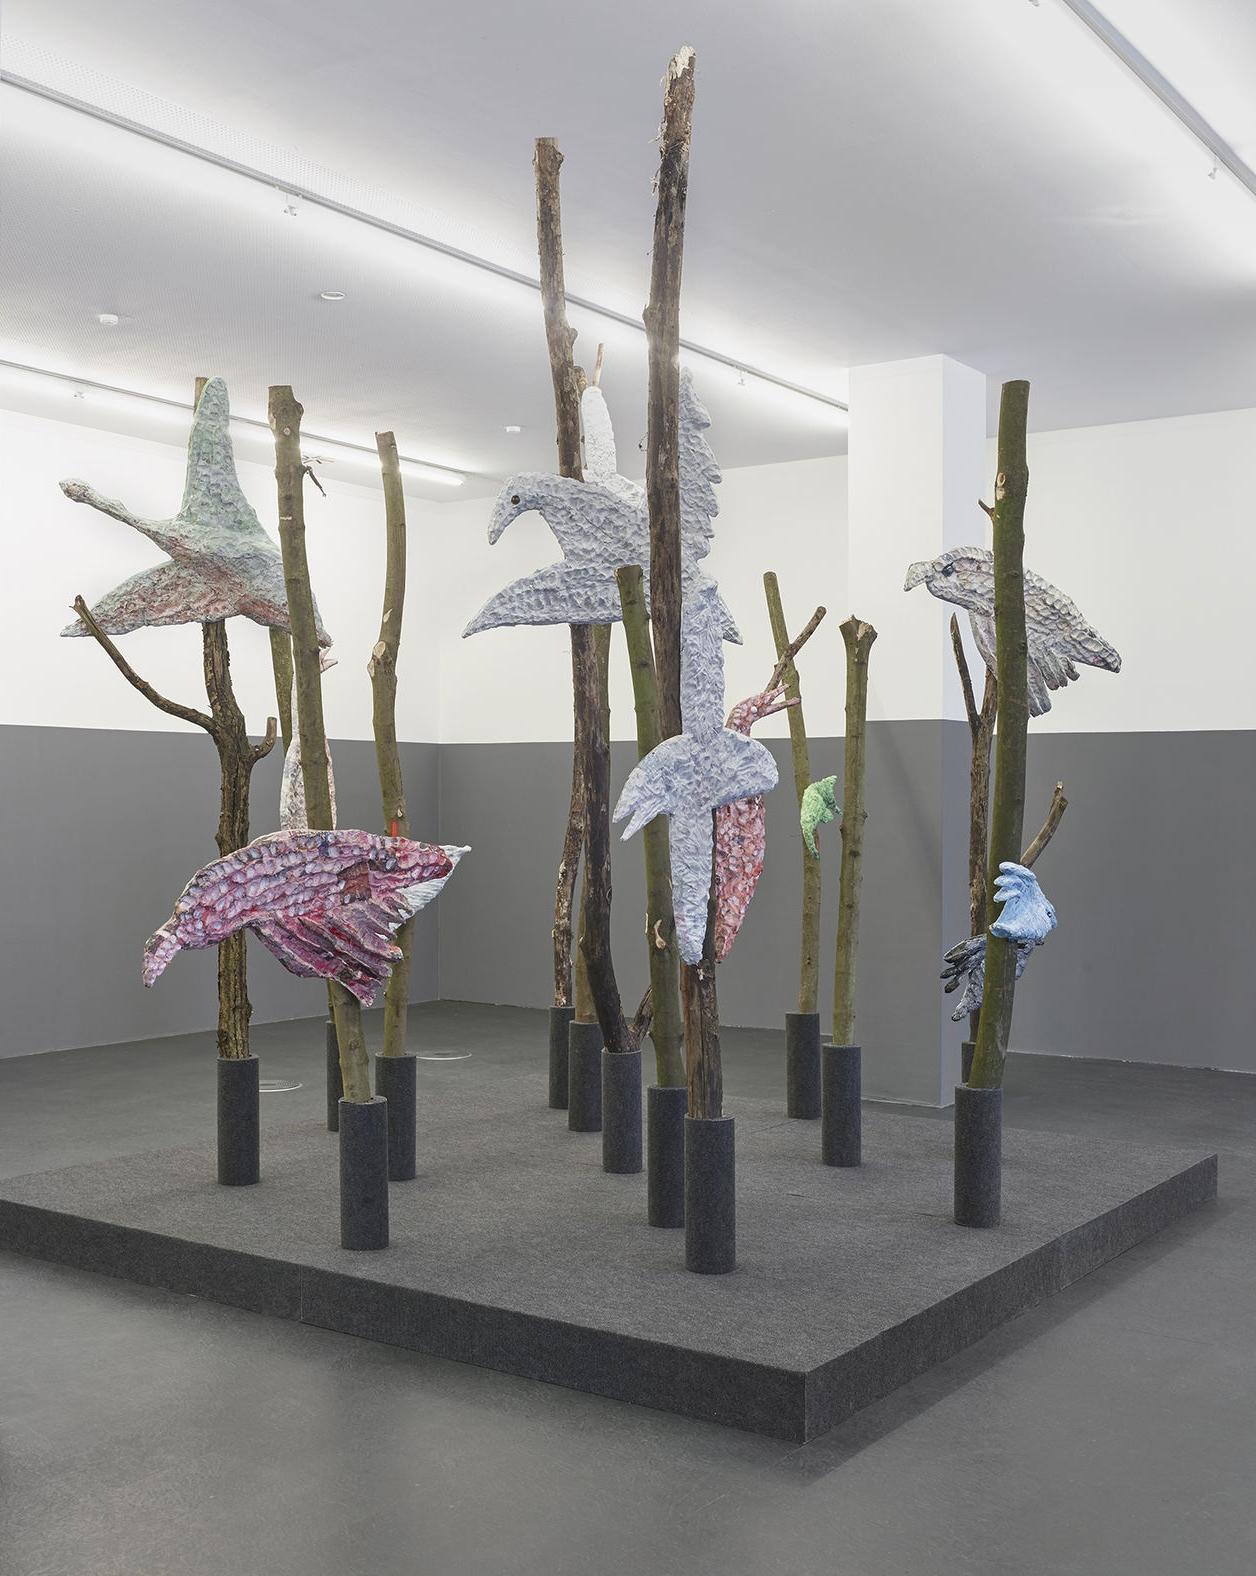 9_1_Shelly Nadashi NESTING BOX, Installation View_Dortmunder Kunstverein, Photo Simon Vogel